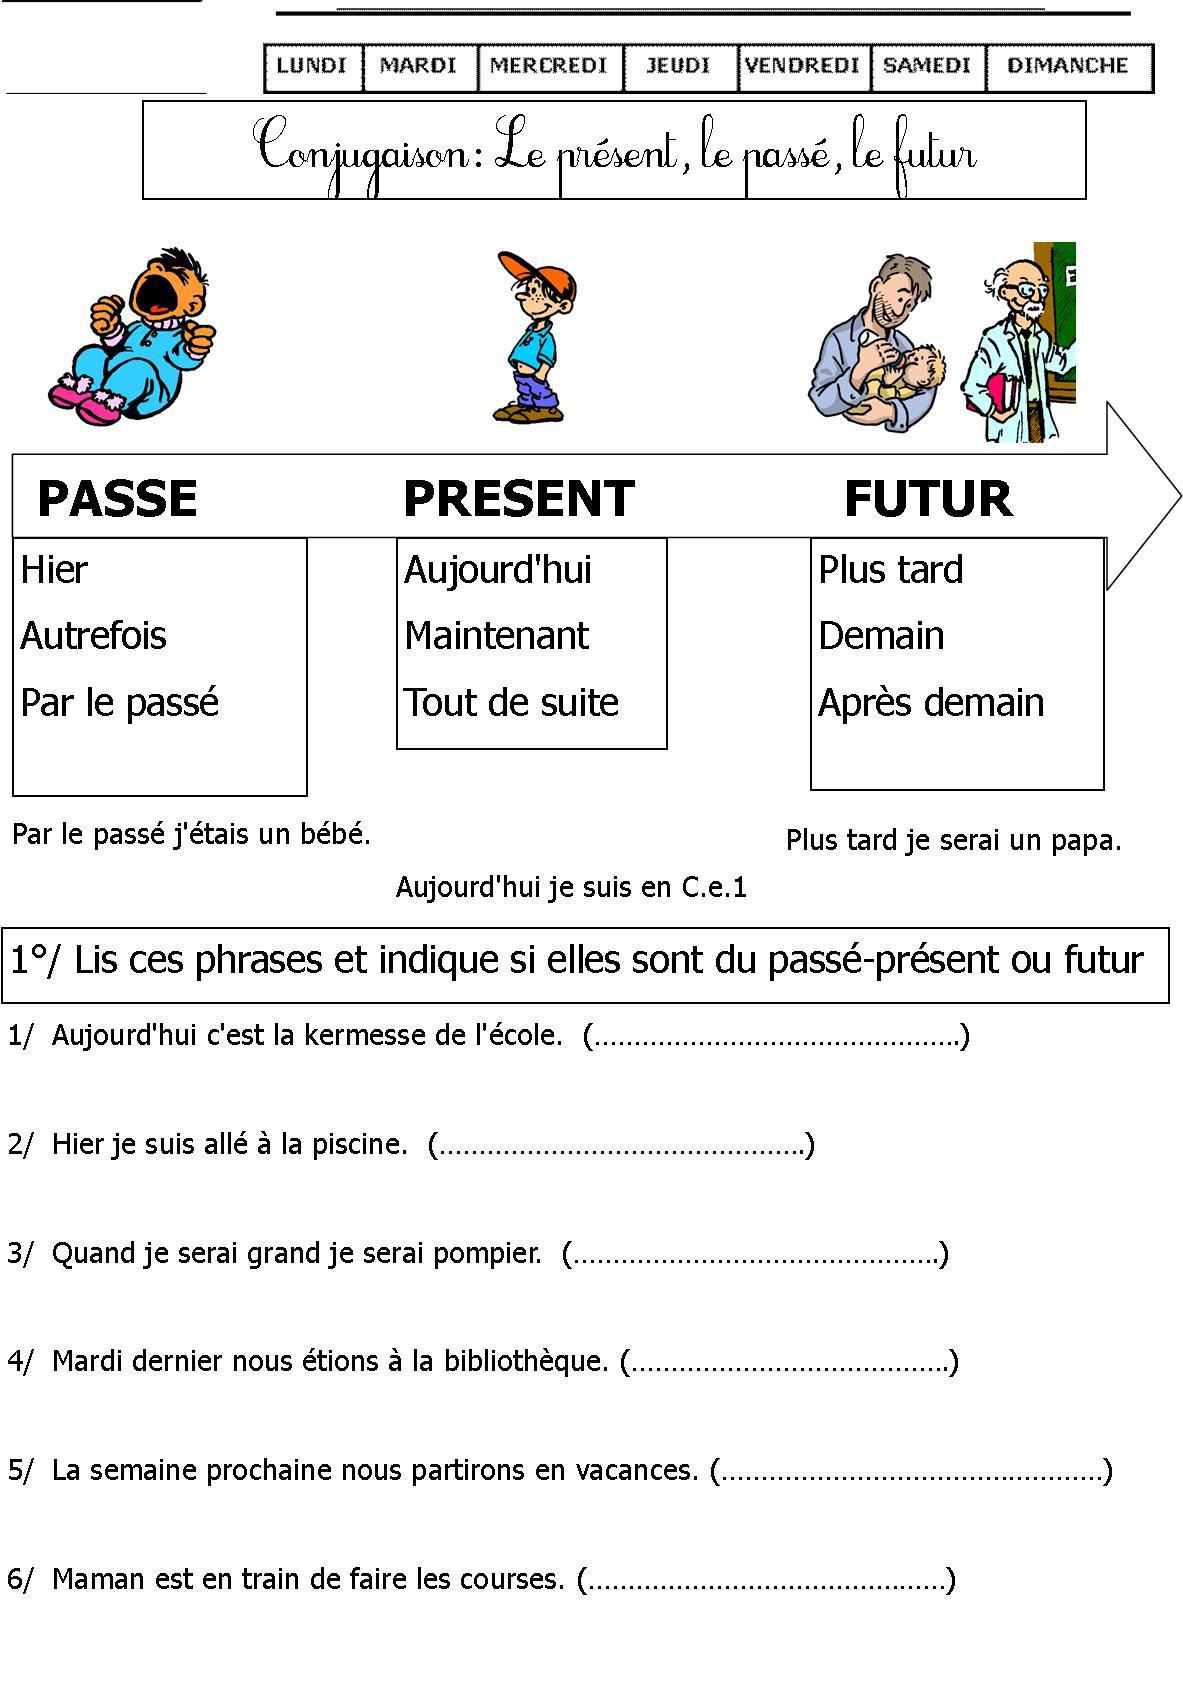 Leçons De Conjugaison Ce1 | Le Blog De Monsieur Mathieu tout Cours Ce1 Gratuit A Imprimer